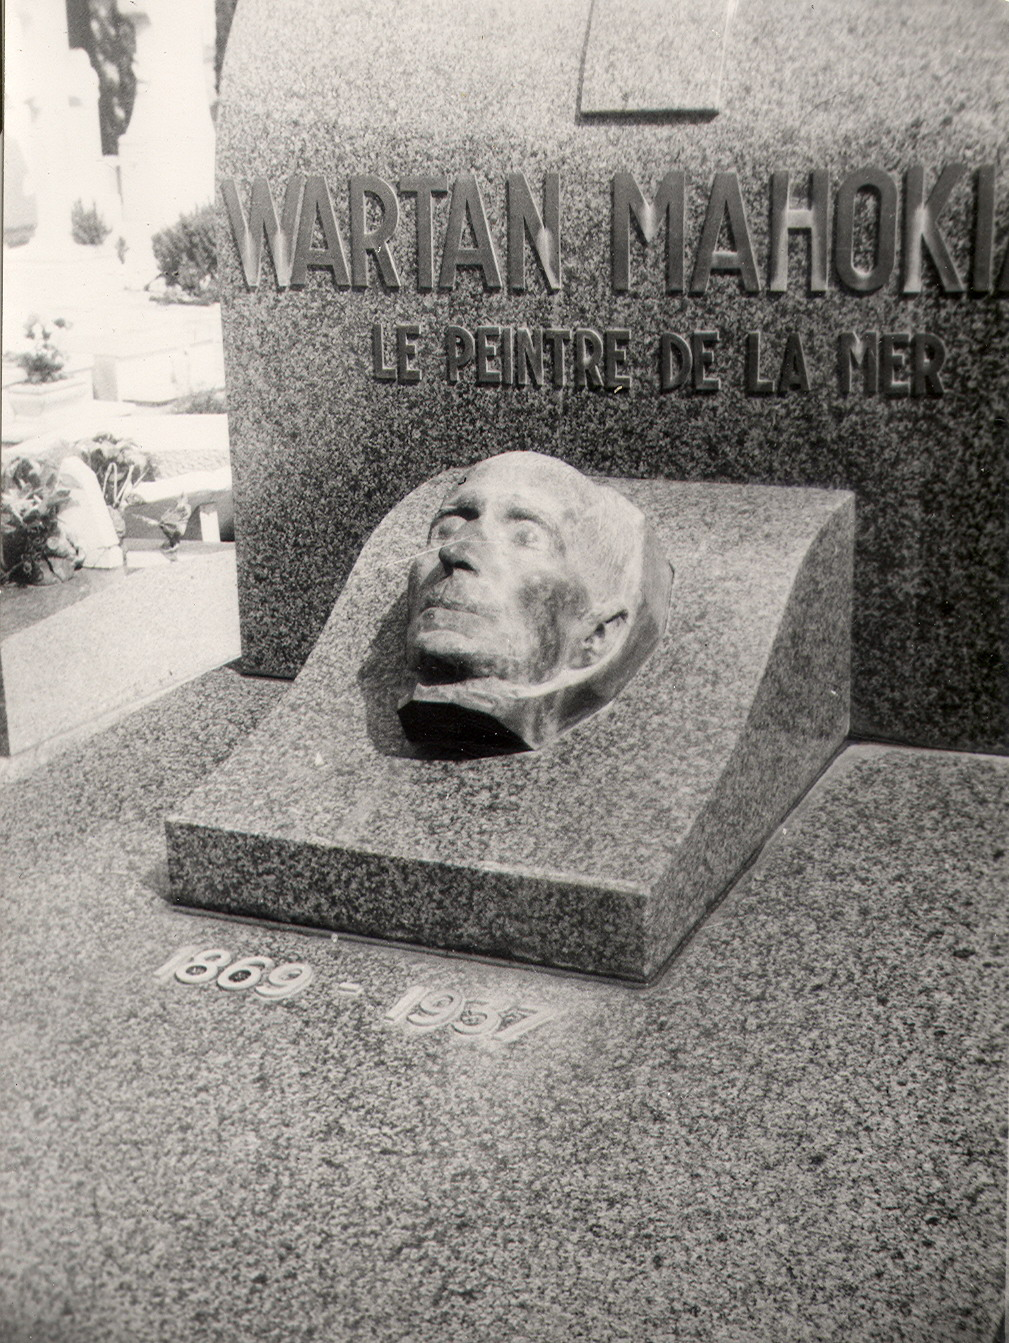 http://ru.hayazg.info/images/7/73/Mahohyan5.jpg